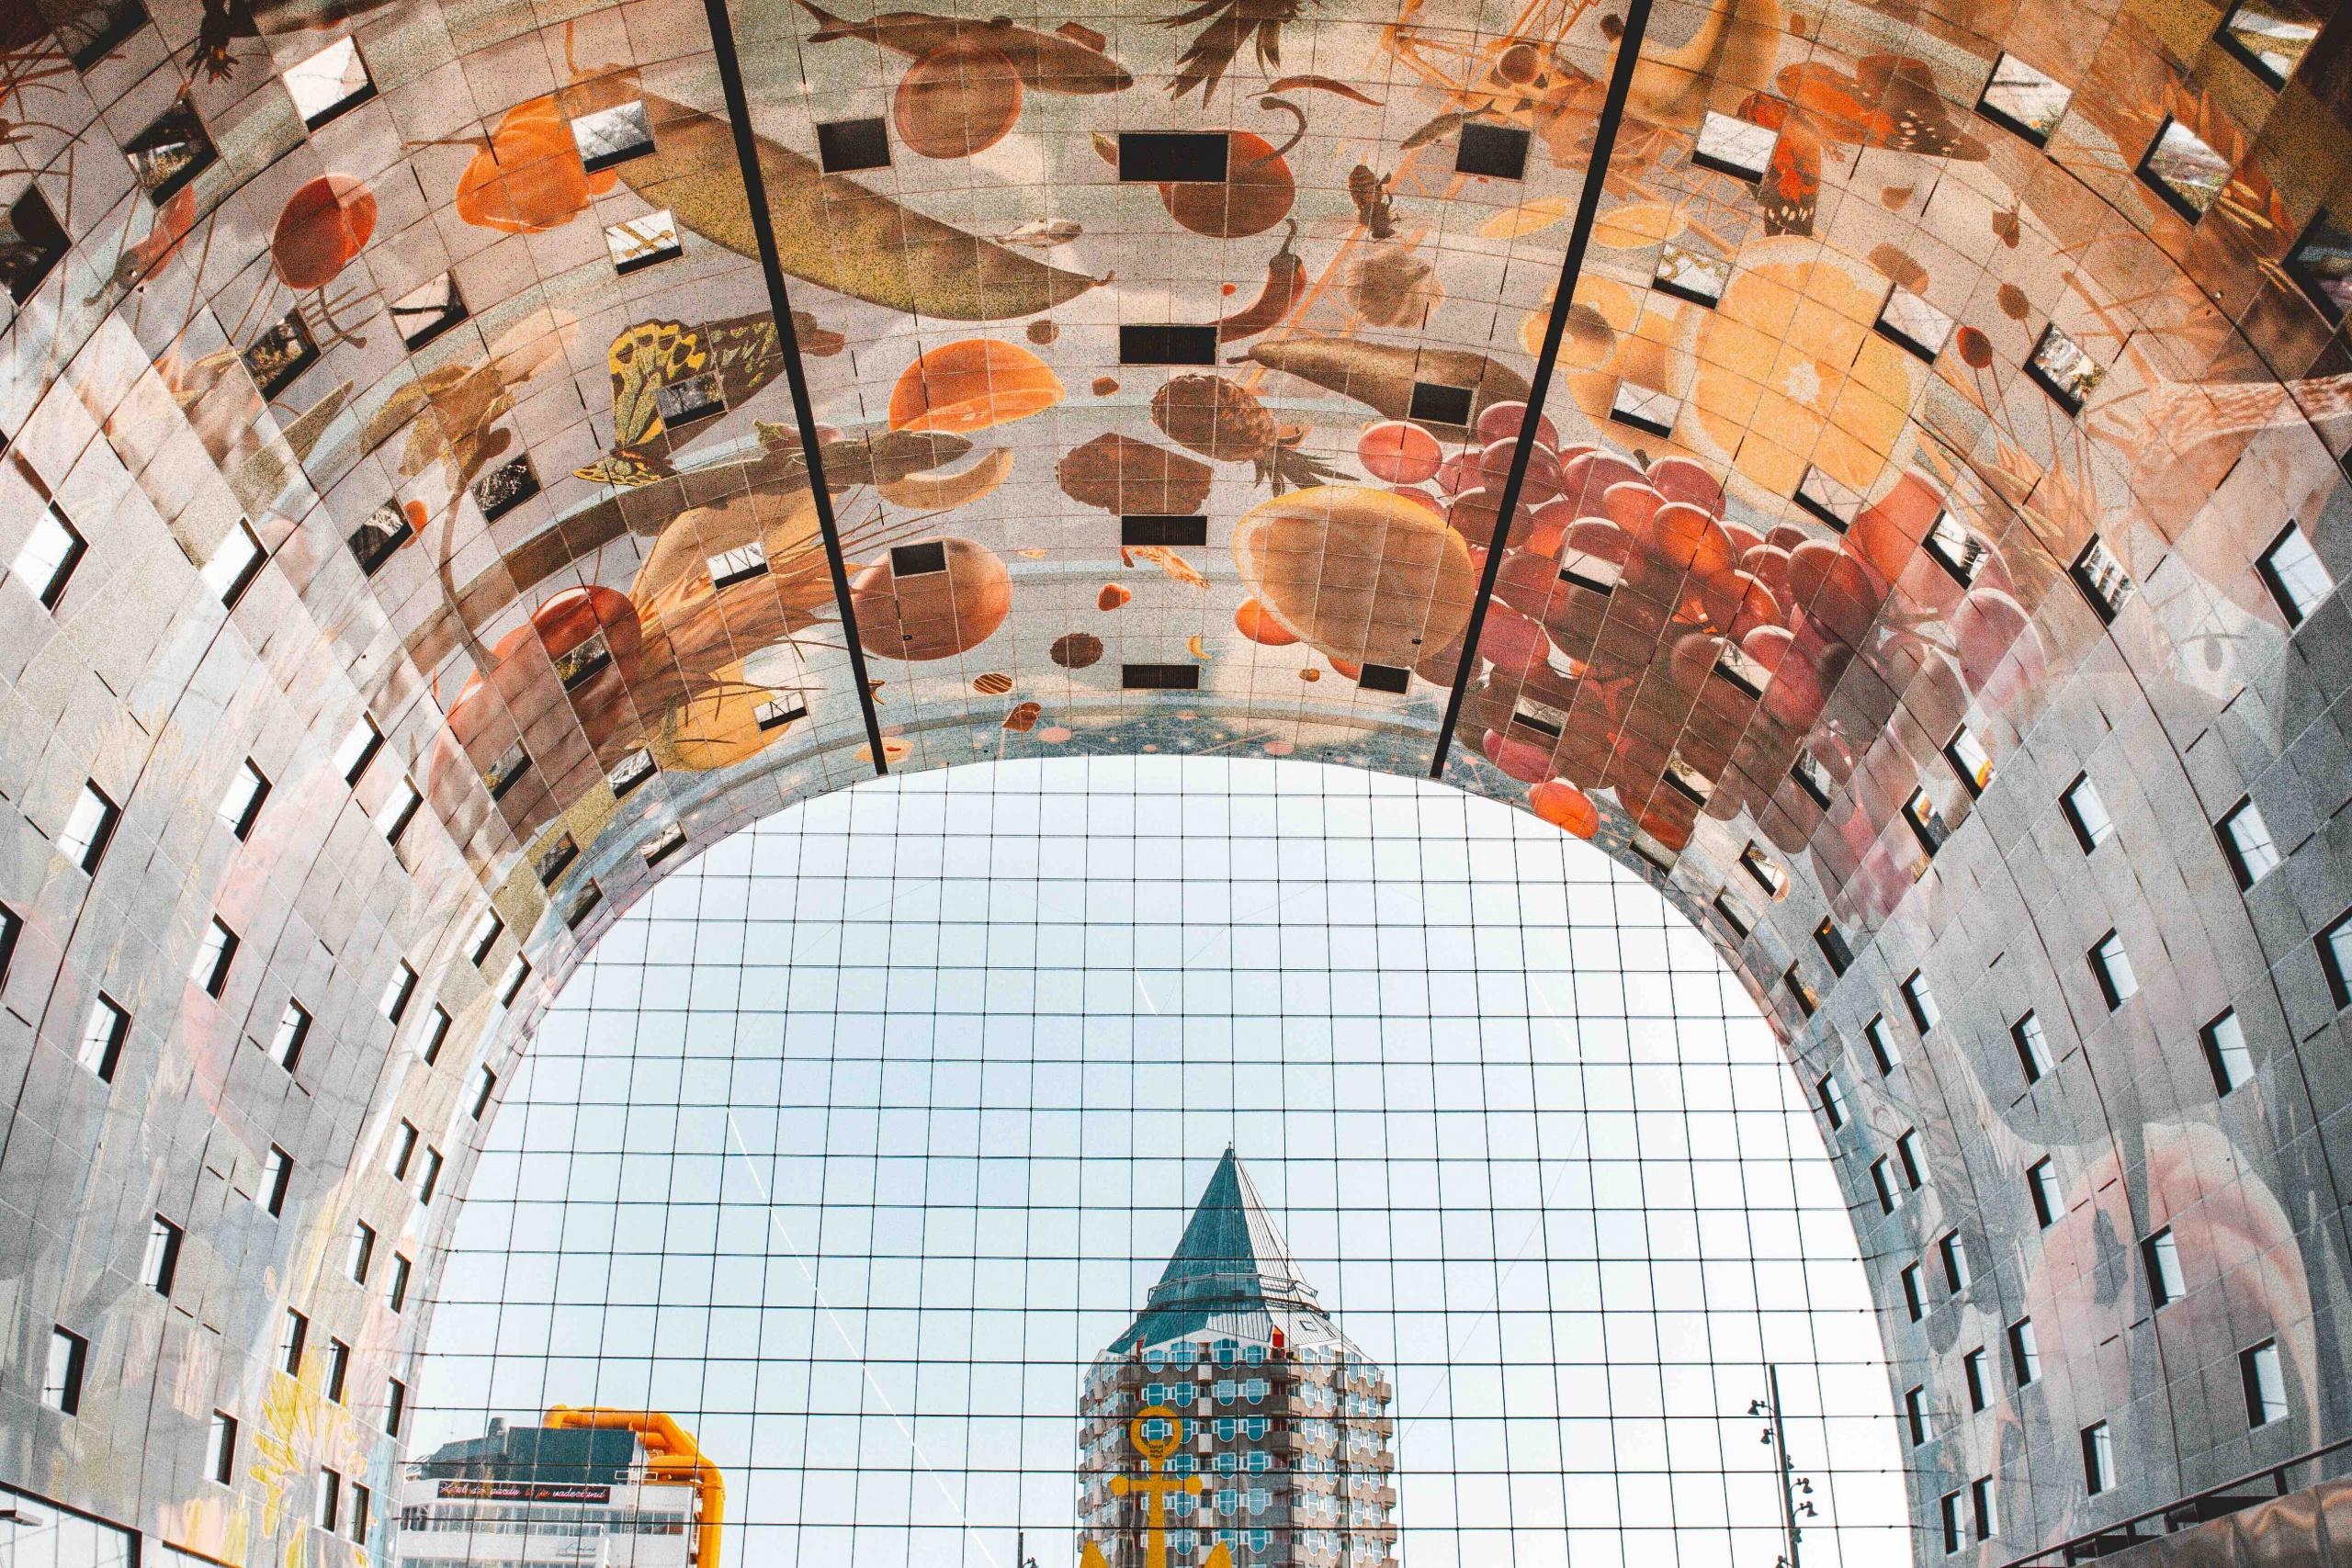 itinerario architettonico di Rotterdam: interno del mercato coperto